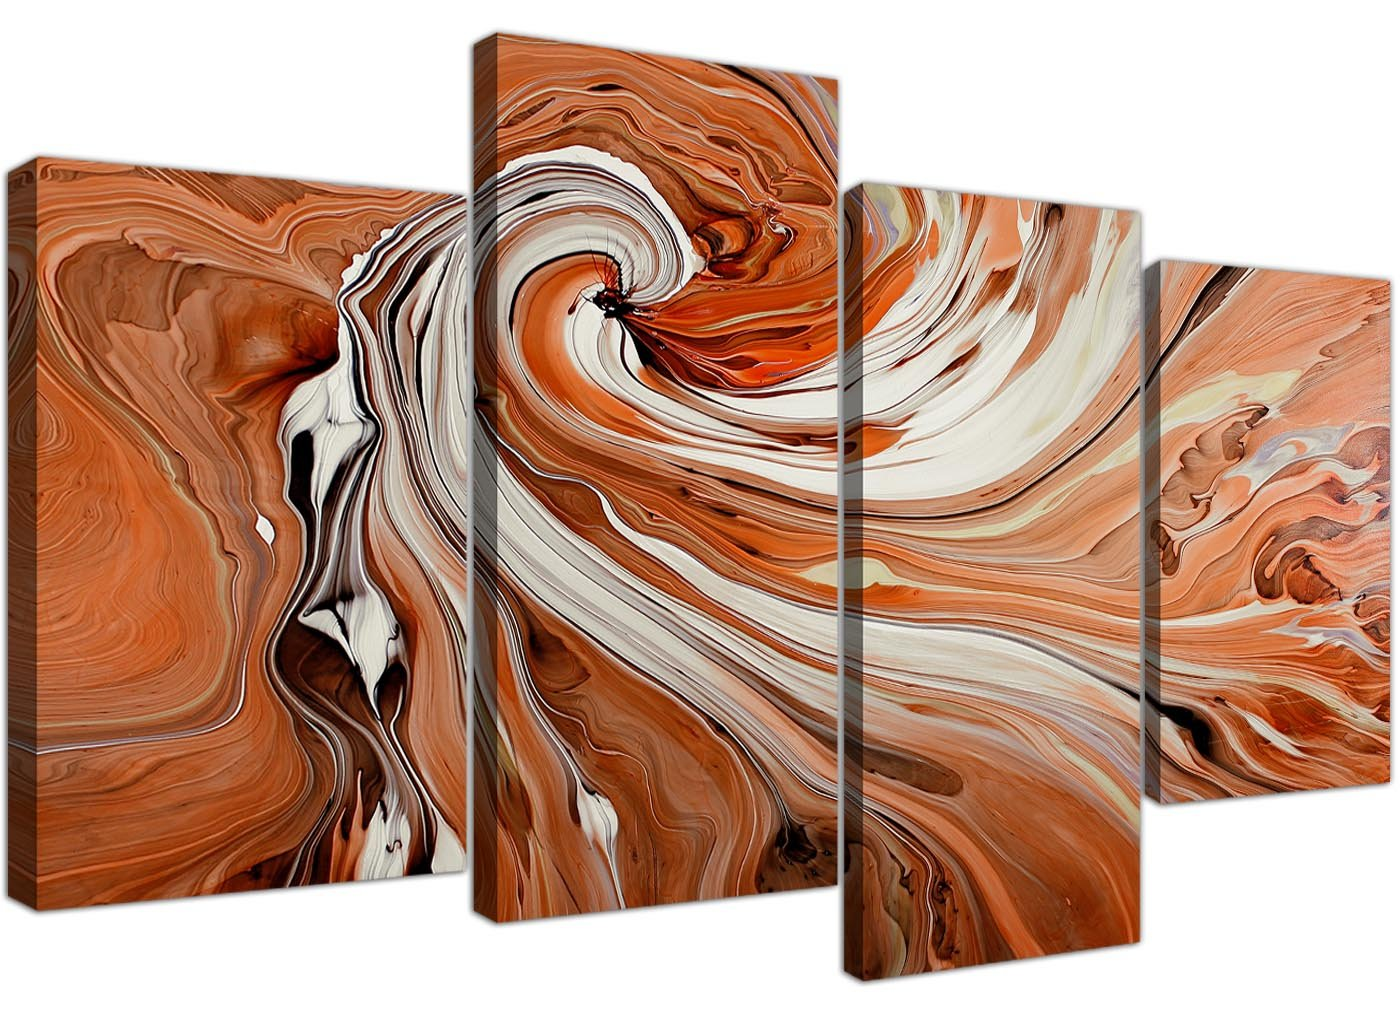 Groß Orange und Weiß Swirl – Abstrakt Leinwand Split 4 Panel – 130 cm breit – 4254